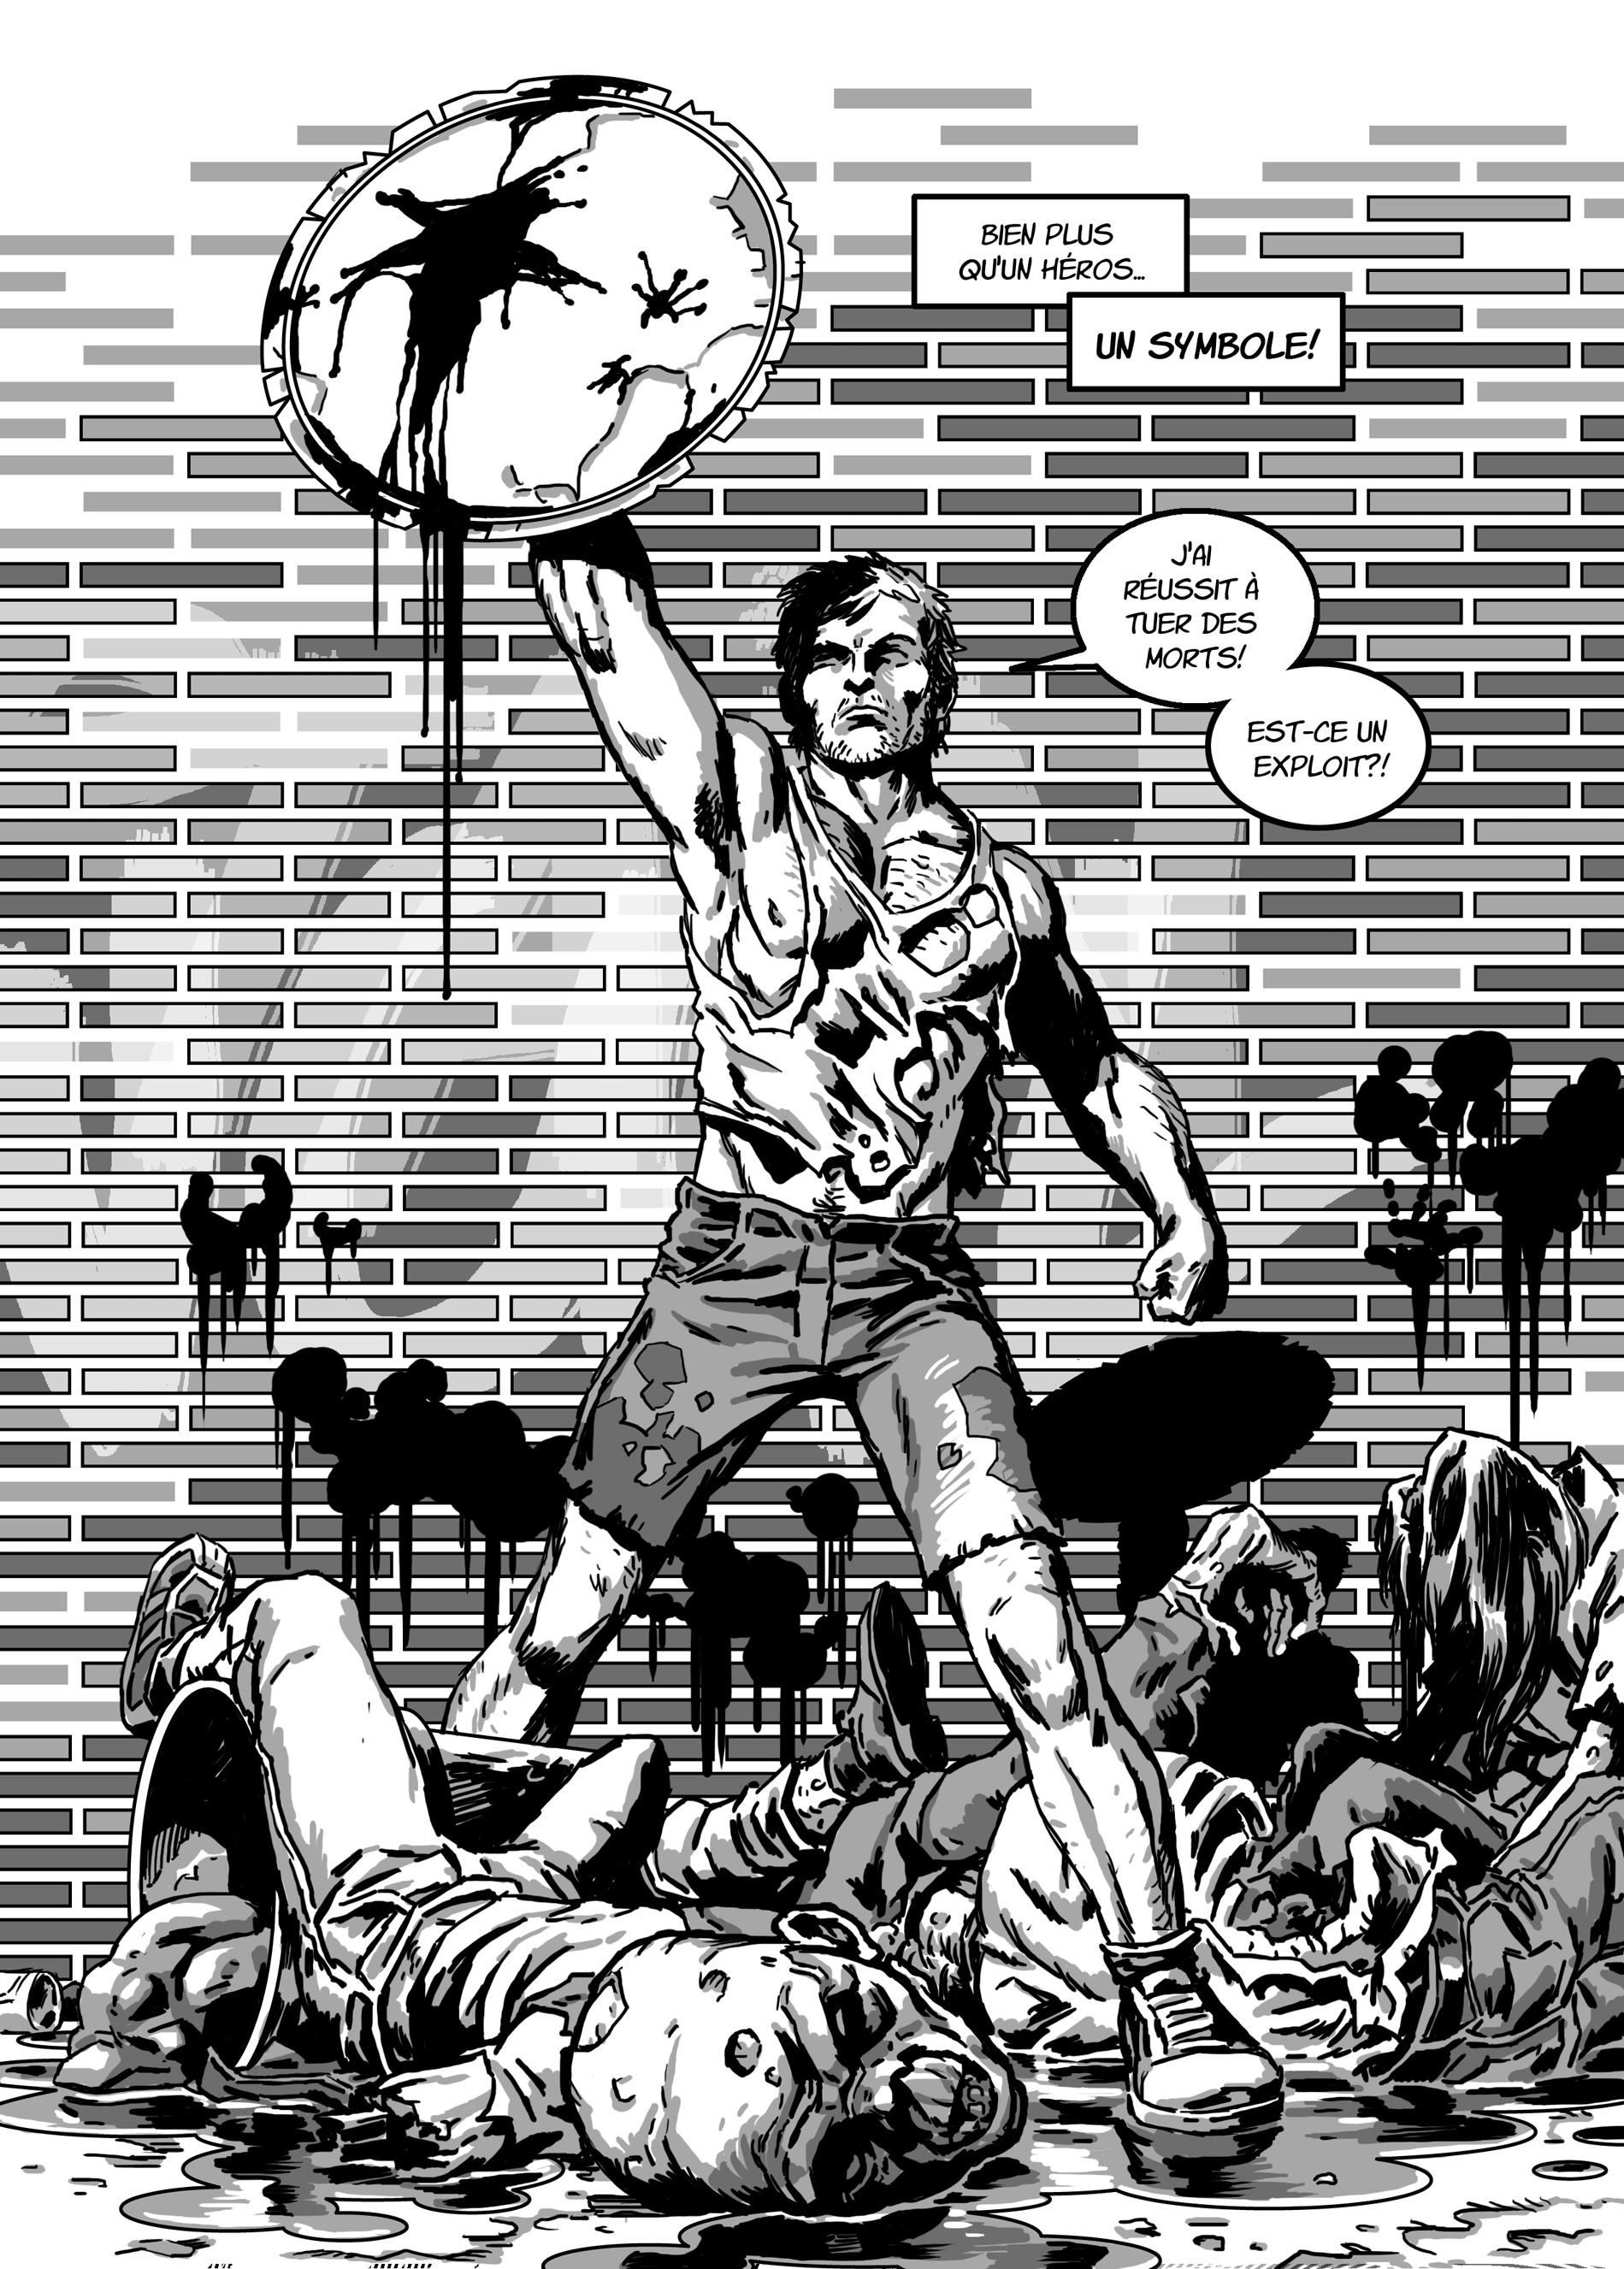 extrait issu du comics La trainée jaune 2, c'est super !